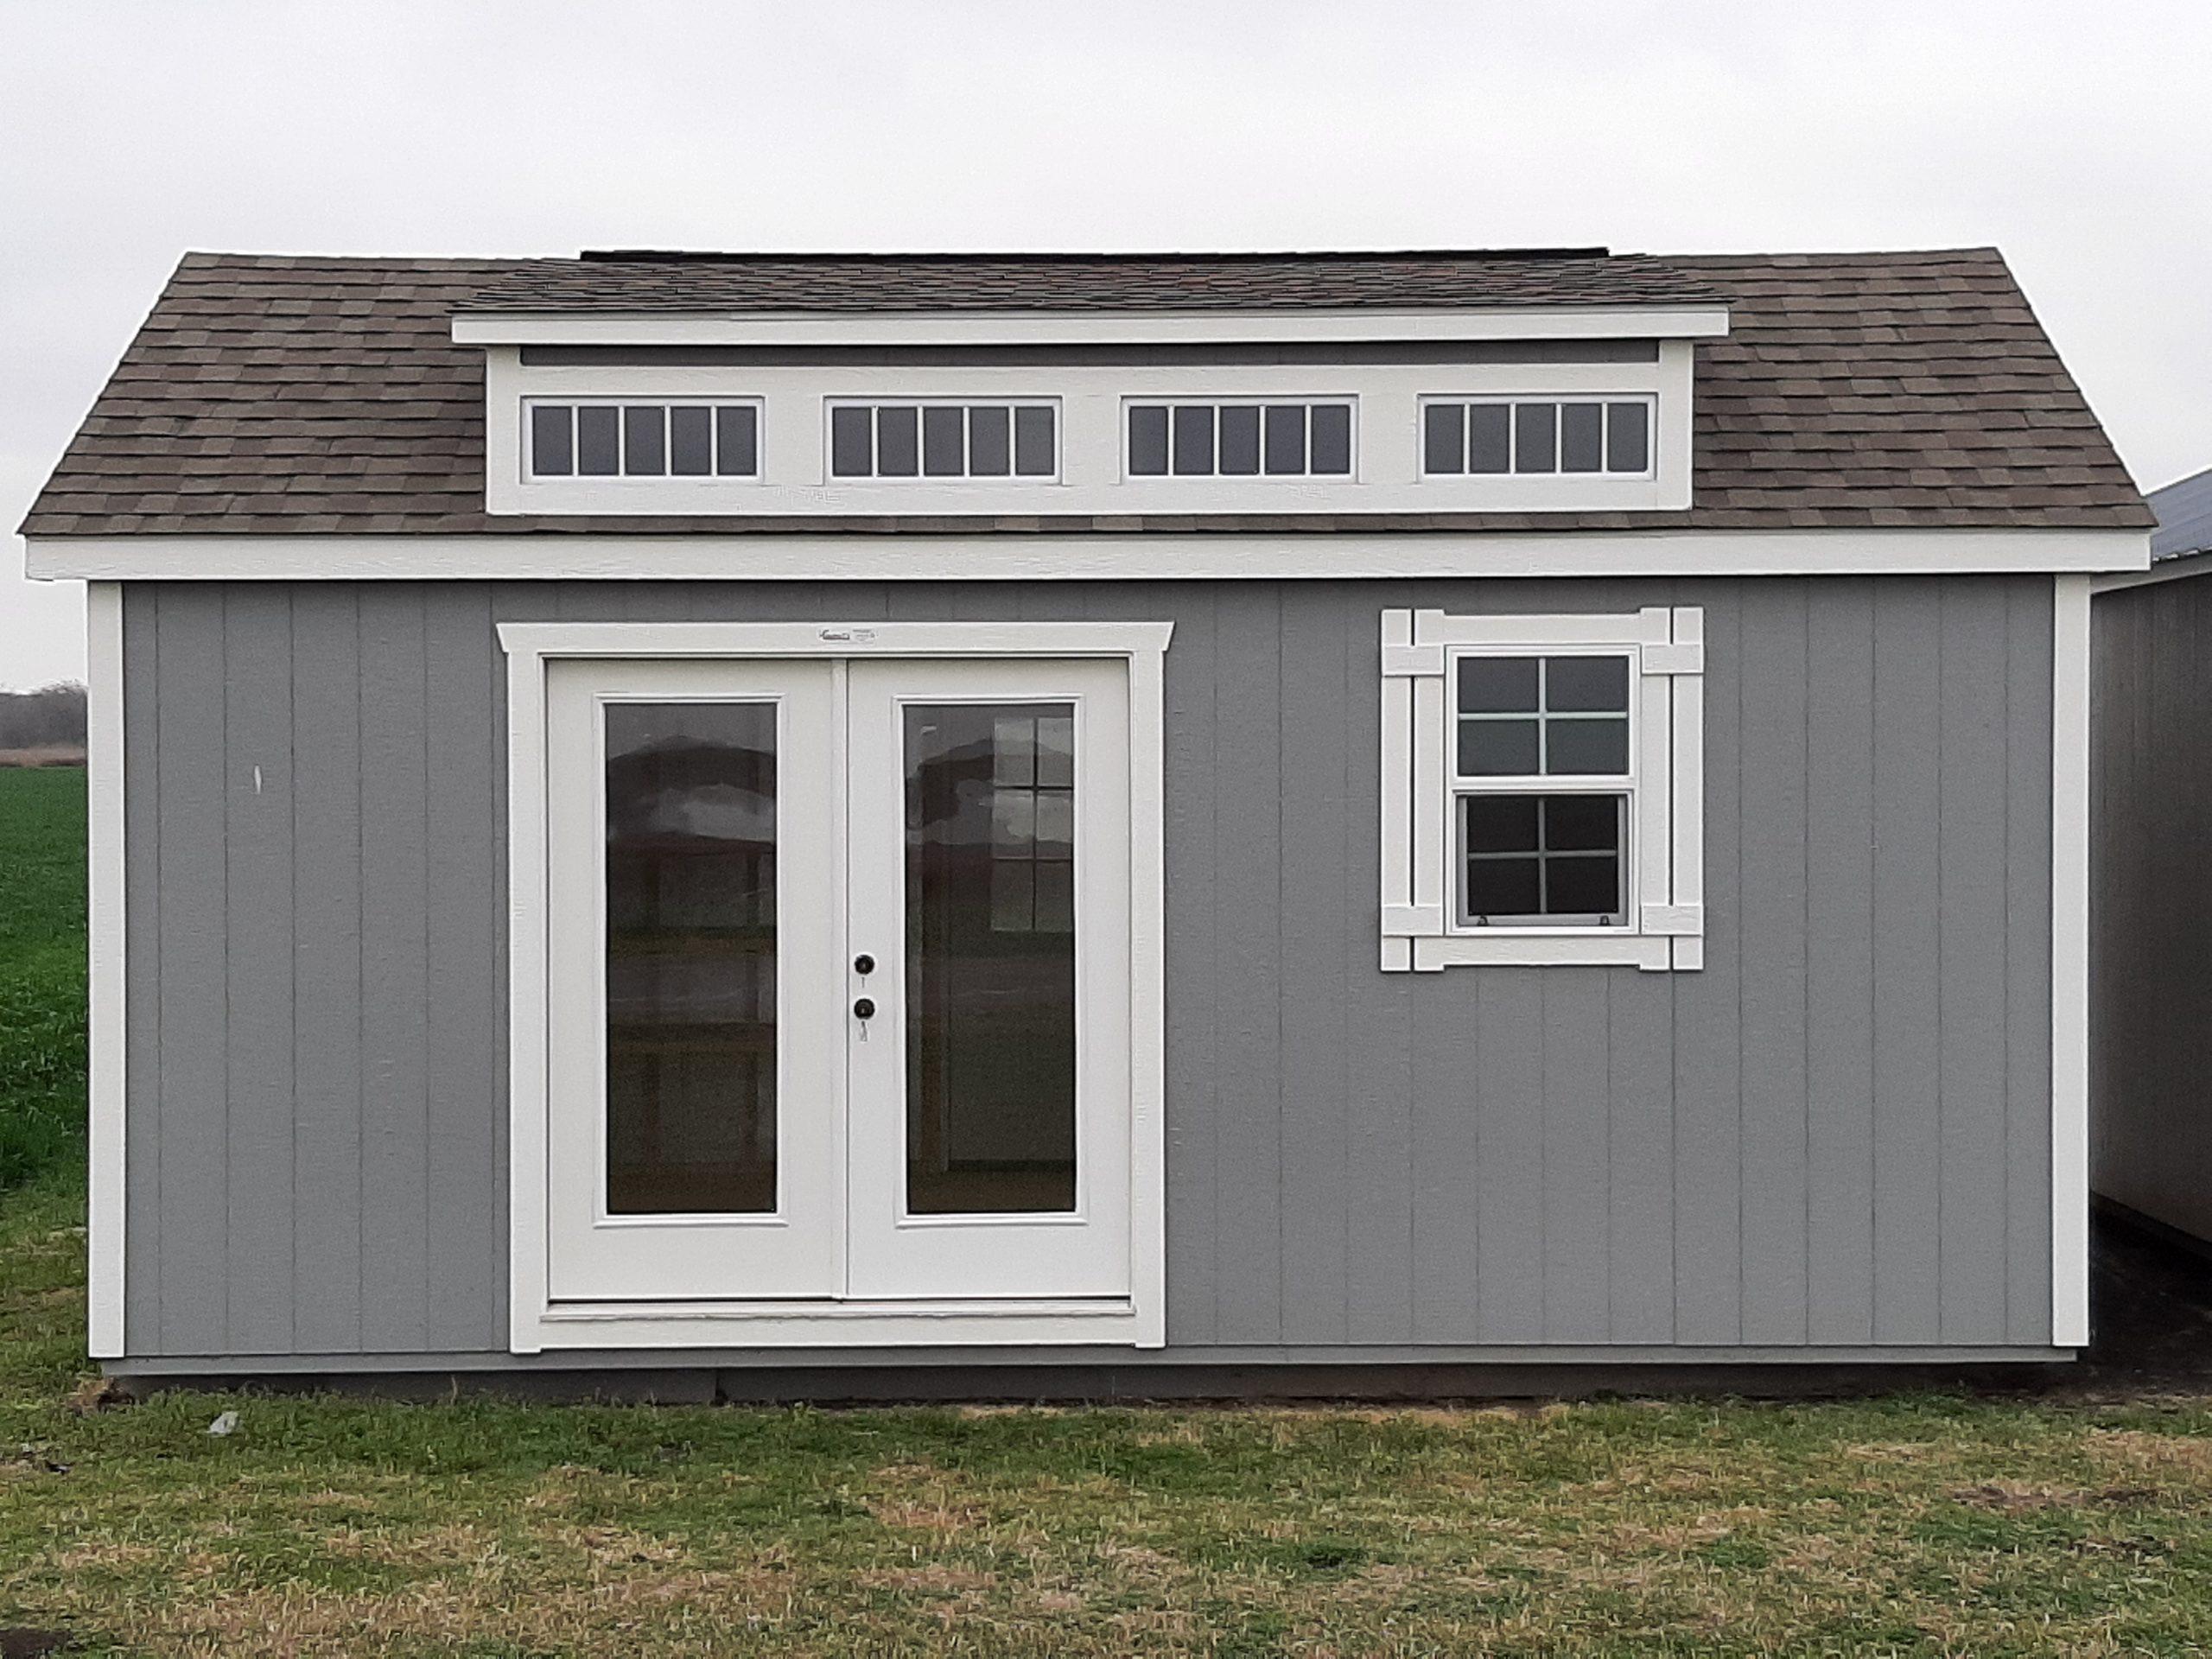 12x20 Dormer Cabin #1745 Image